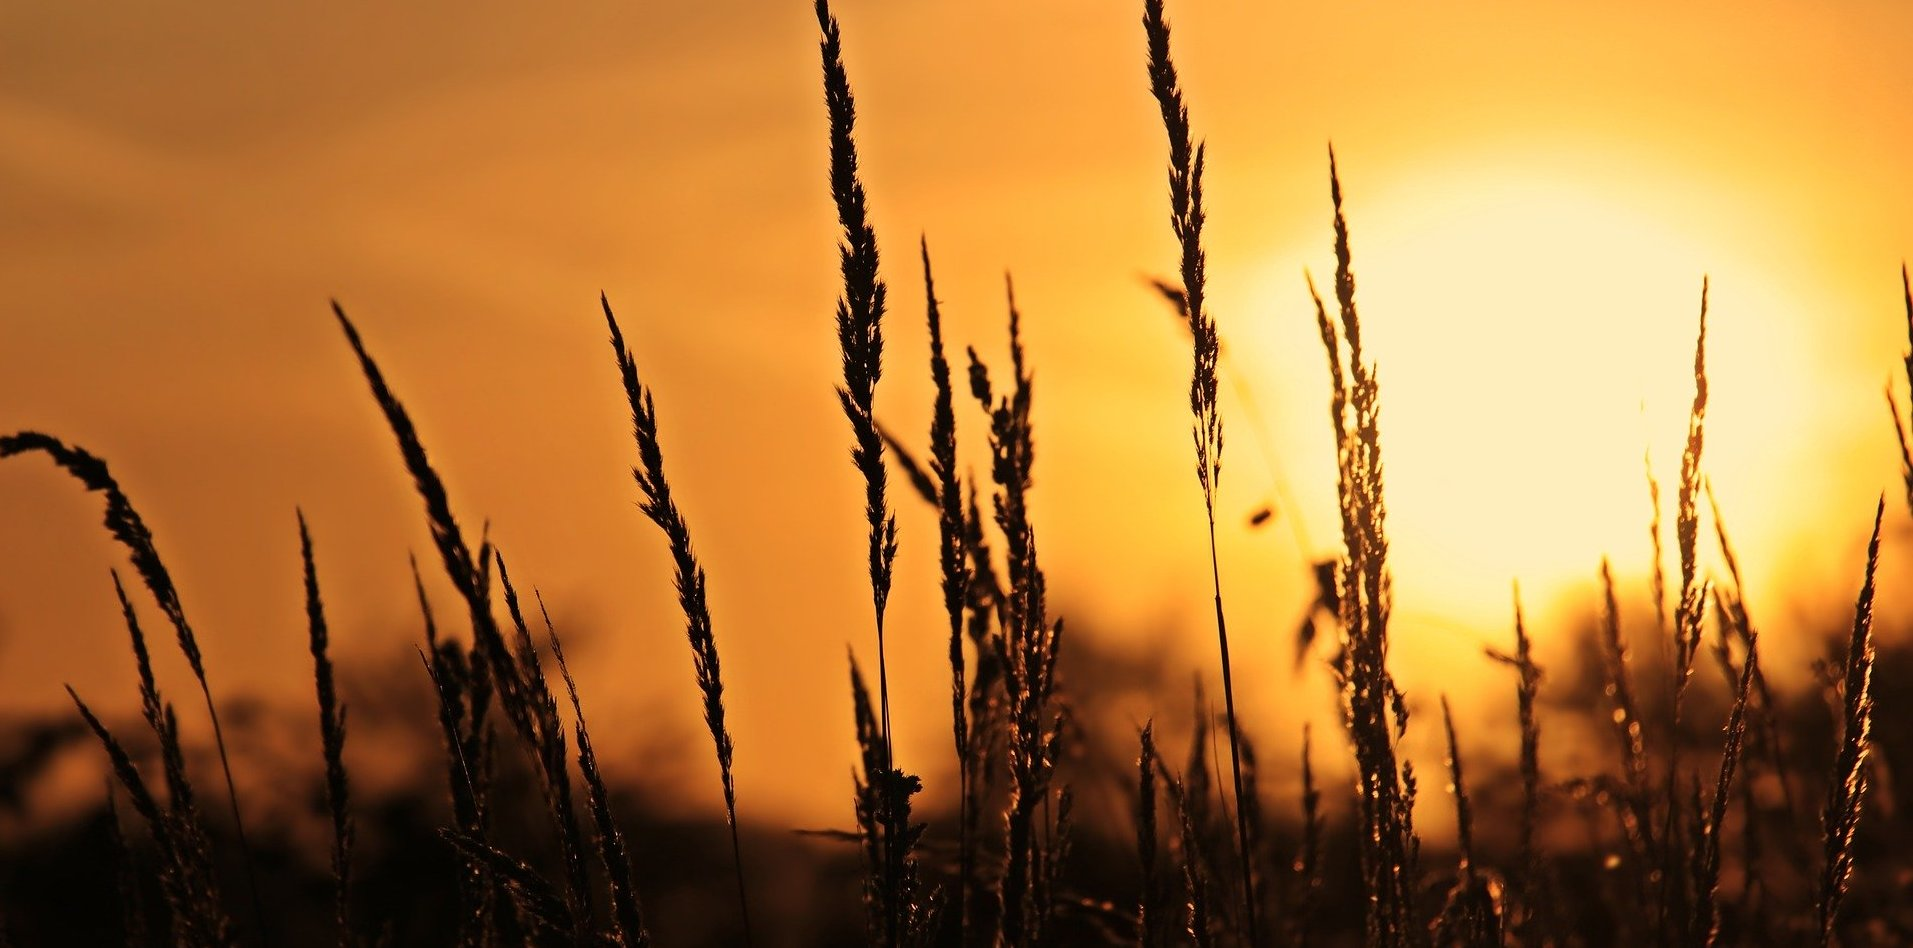 Im grausamen Licht der Sonne – Rezension